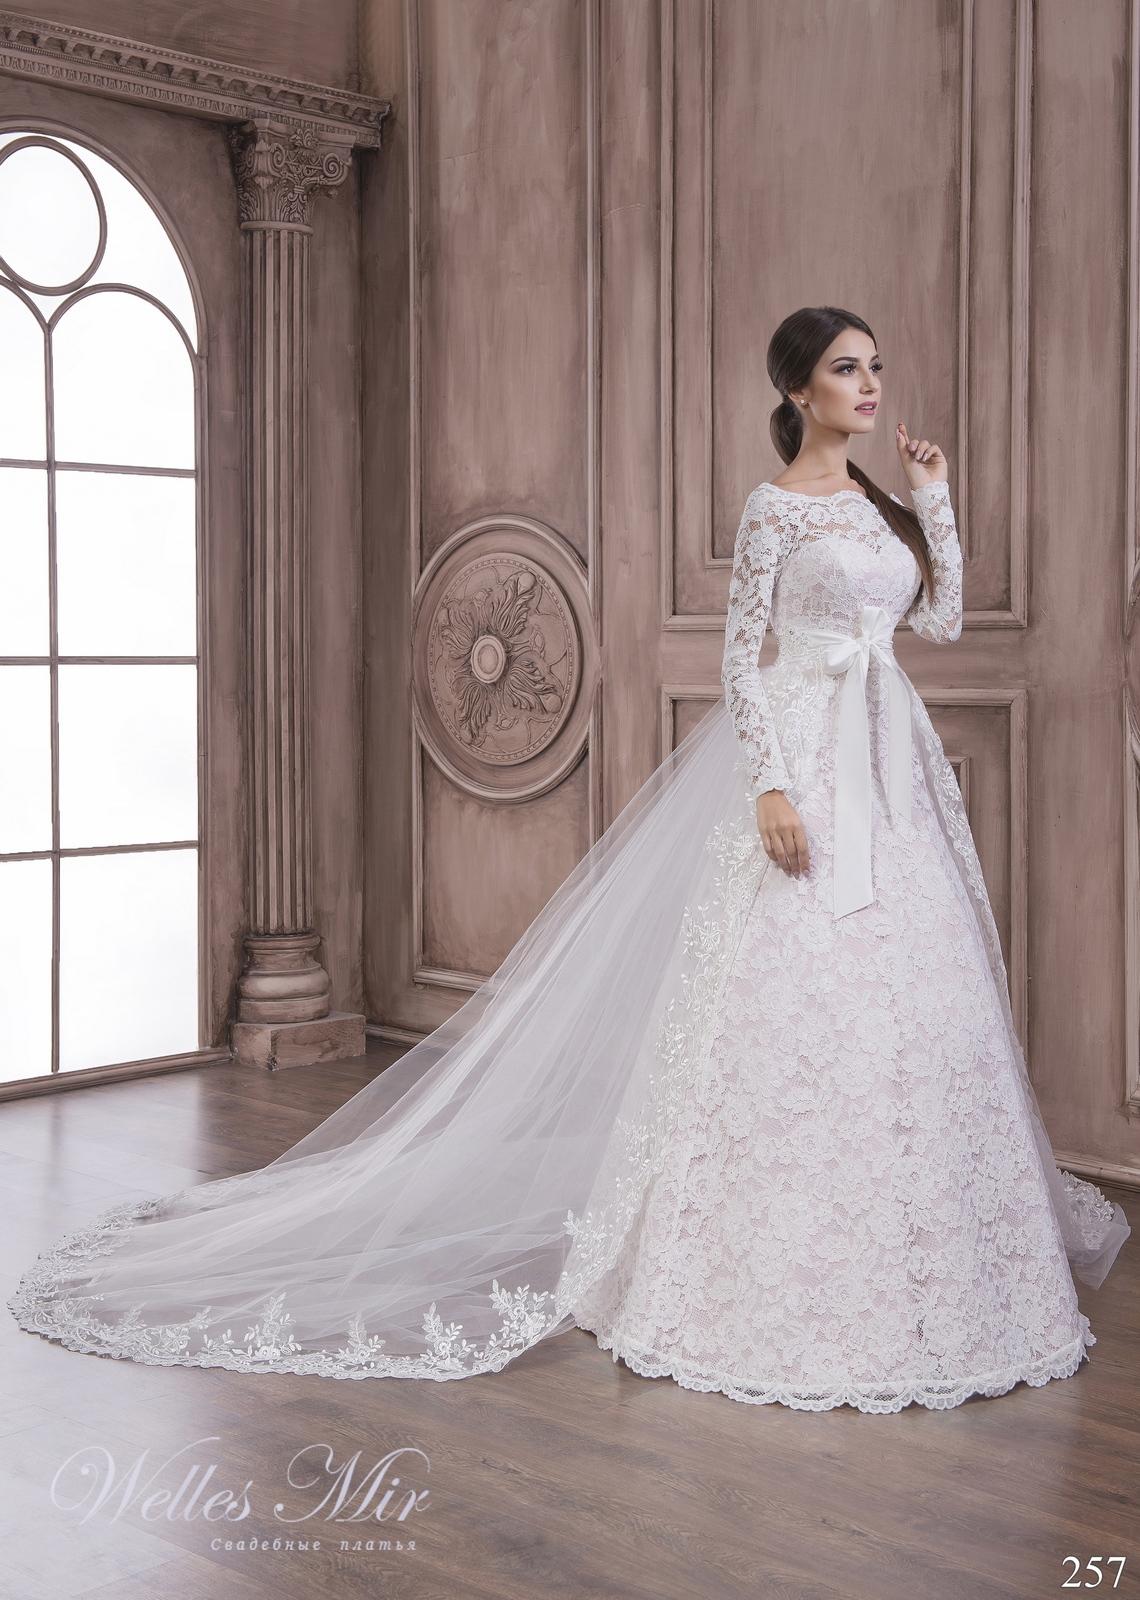 3ae4ab648c3bf0b Несколько веков назад тому, что касается свадьбы, придавалось огромное  значение. Это свадебный наряд невесты, соблюдение всех обычаев и традиций,  ...